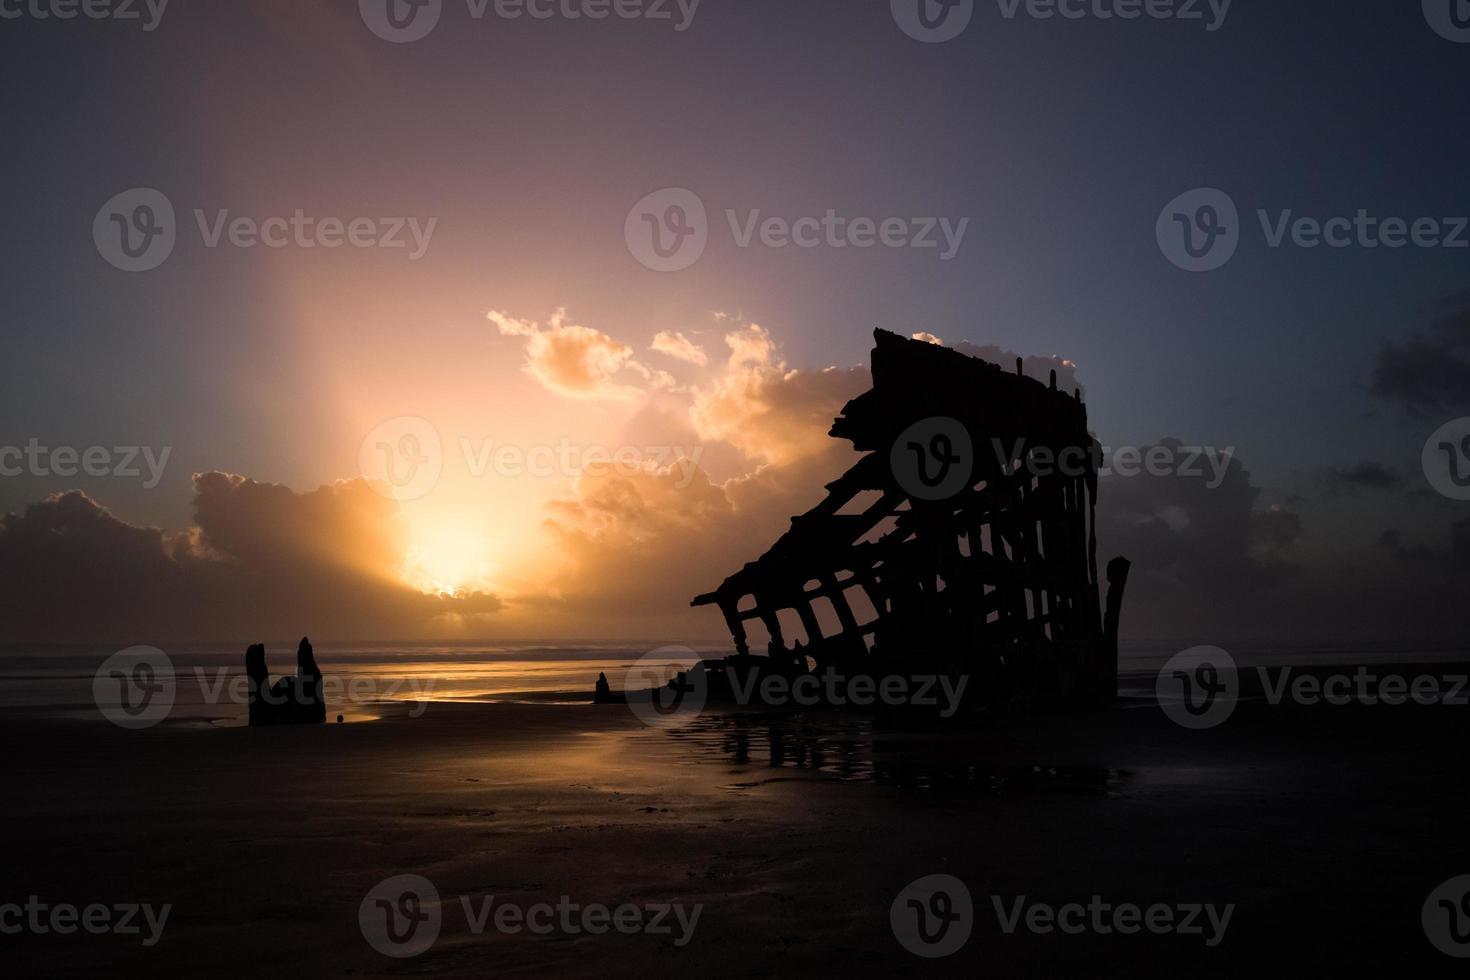 incroyable coucher de soleil sur une épave de navire photo